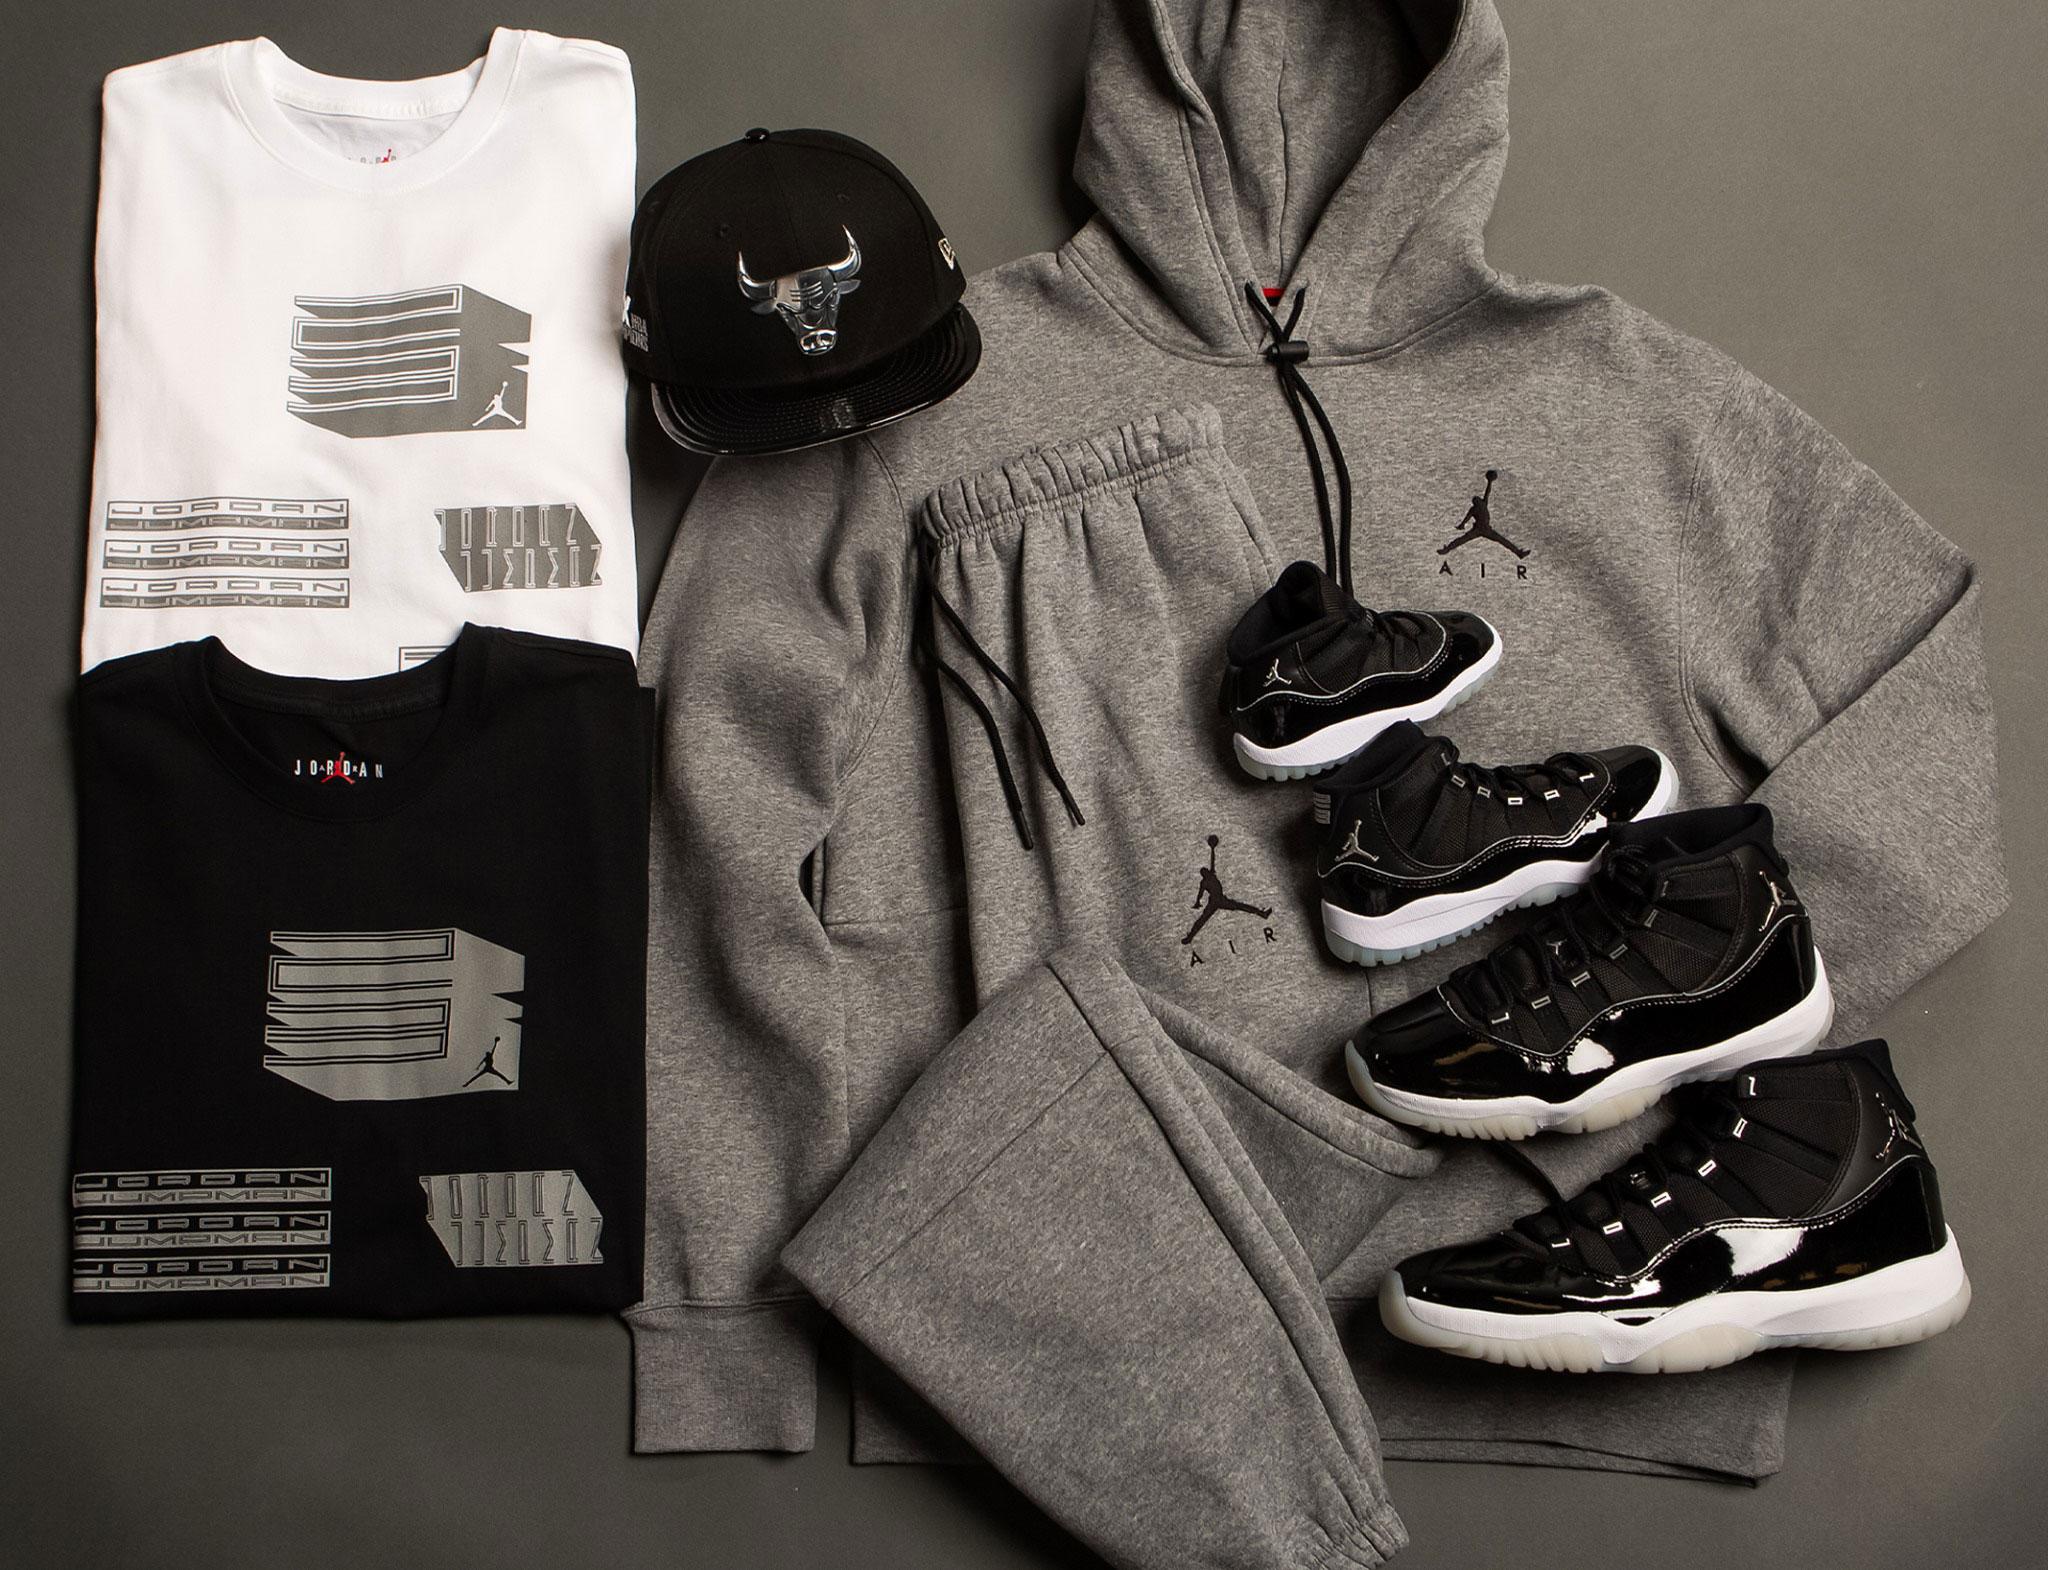 air-jordan-11-jubilee-shirt-hat-sneaker-outfit